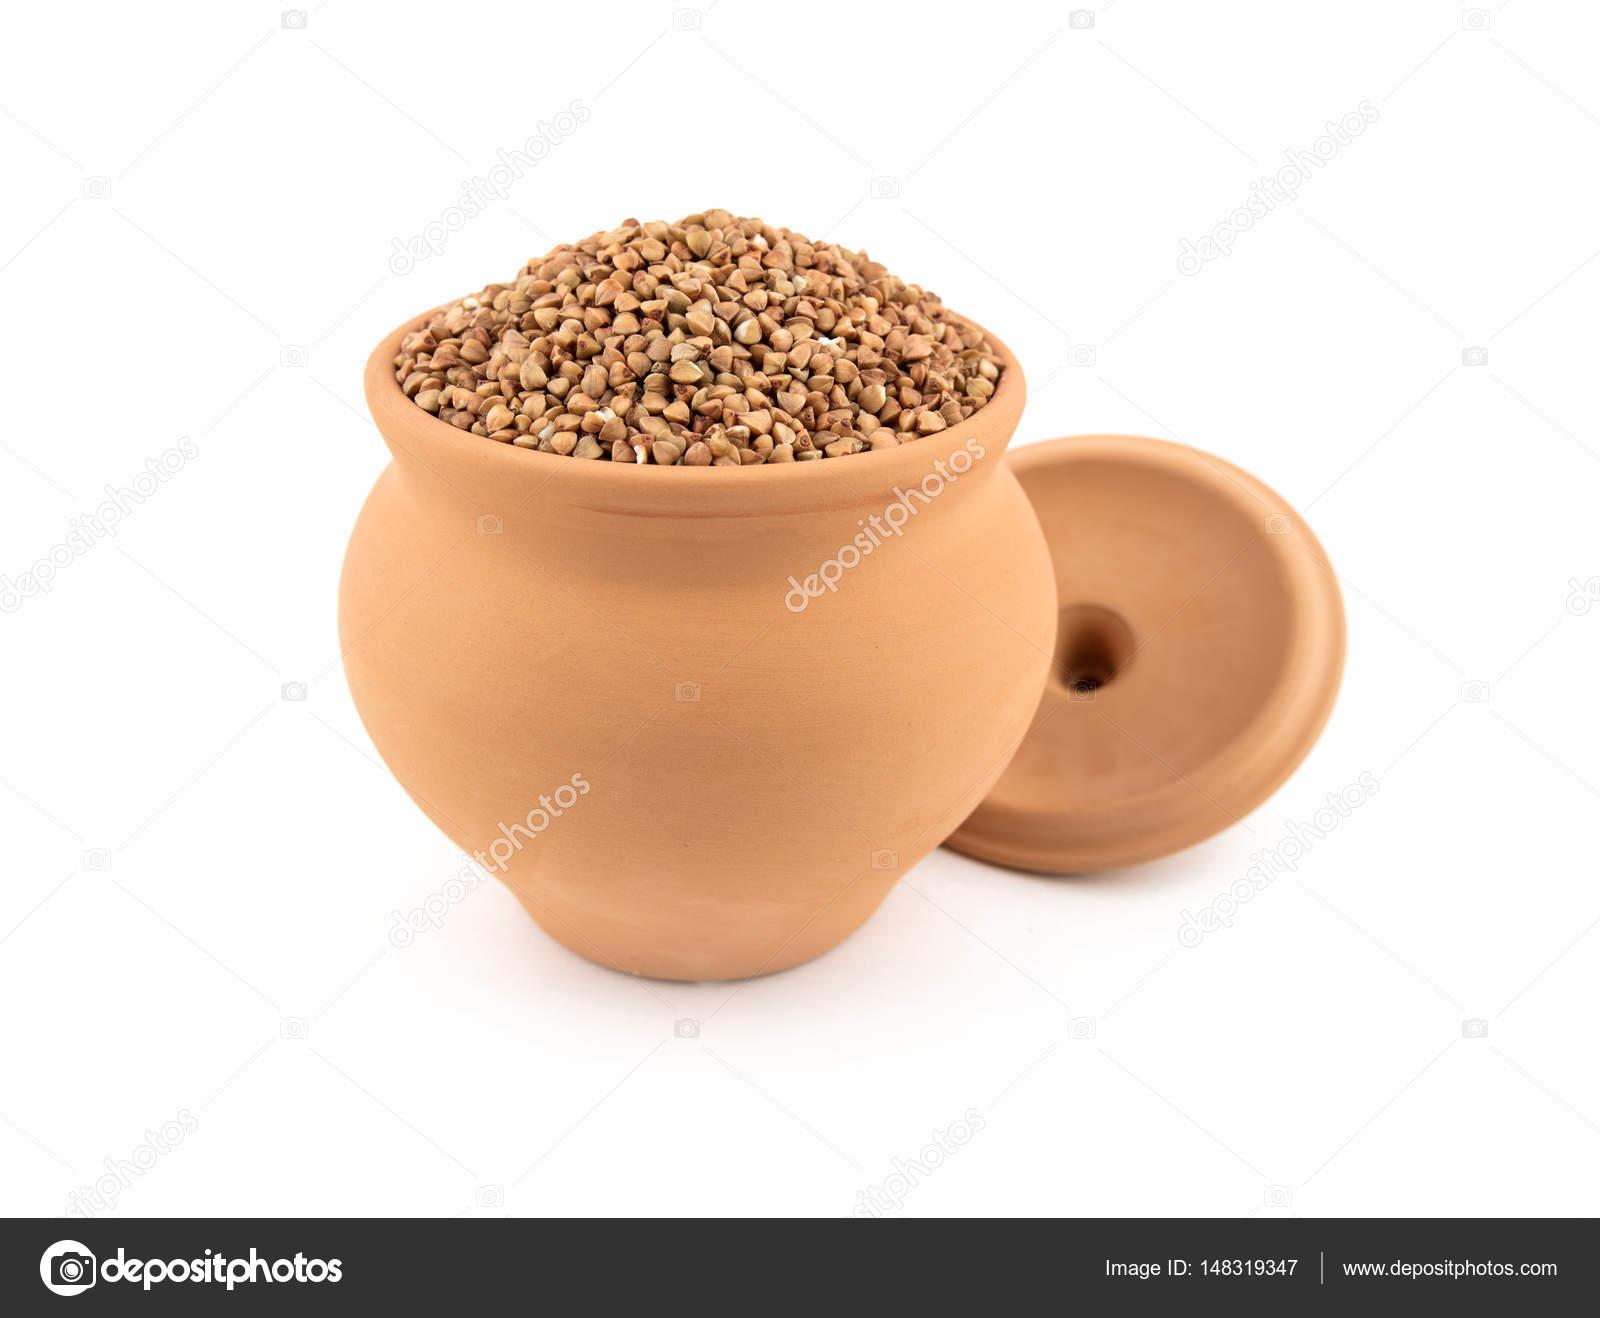 Buckwheat in pots